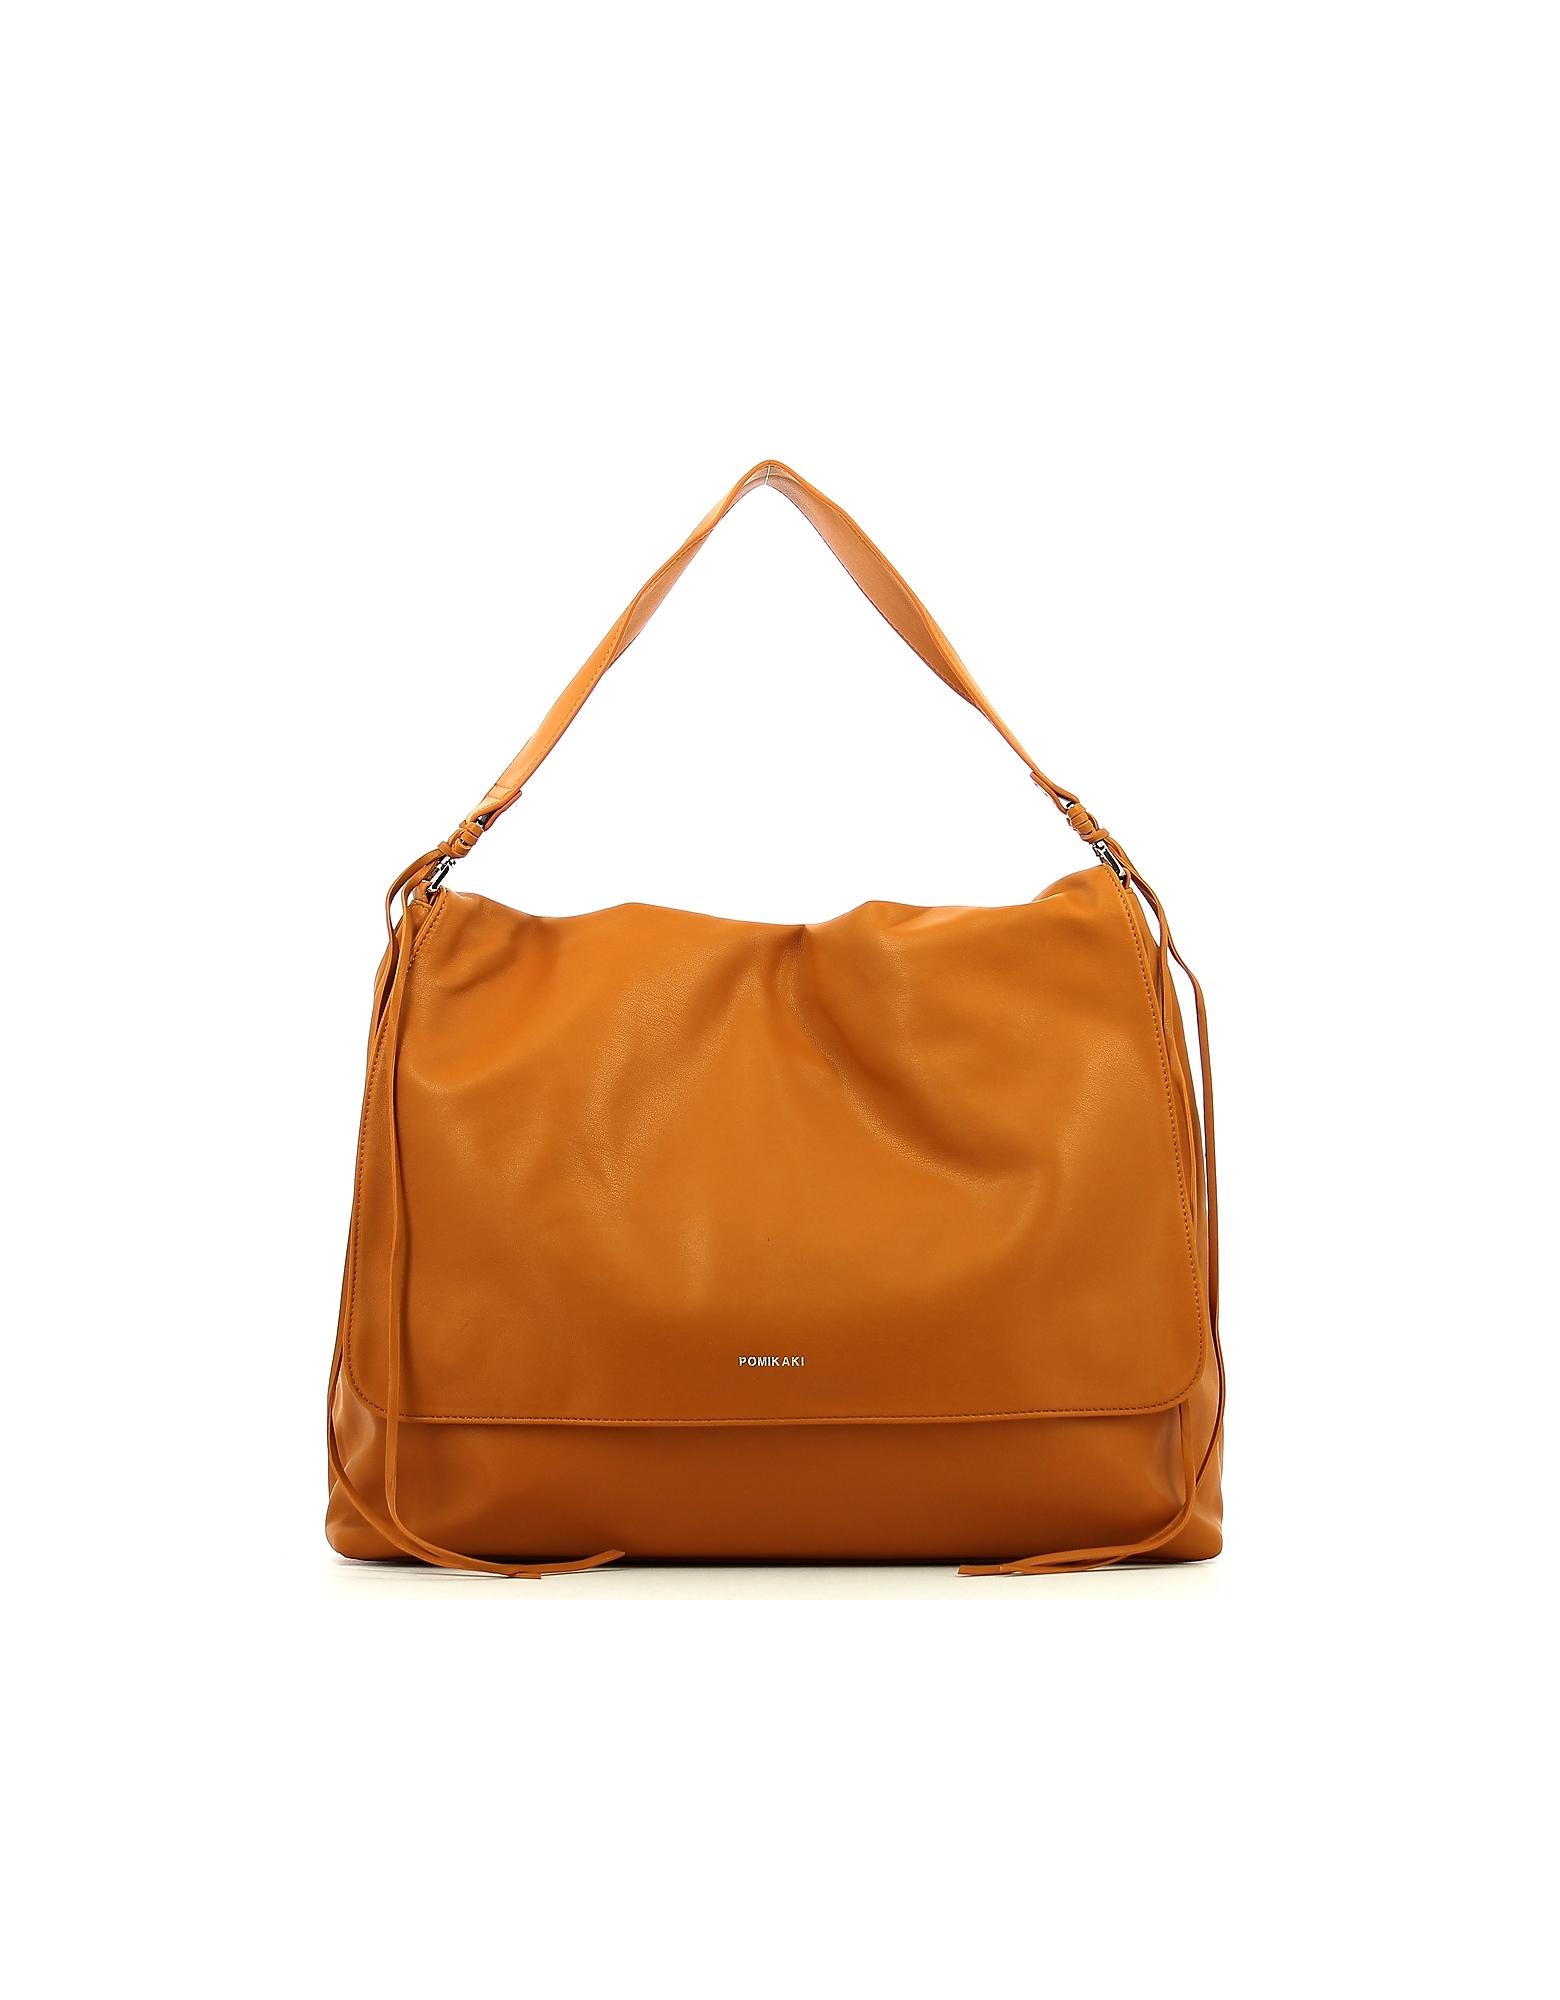 POMIKAKI Designer Handbags, Women's Brown Bag